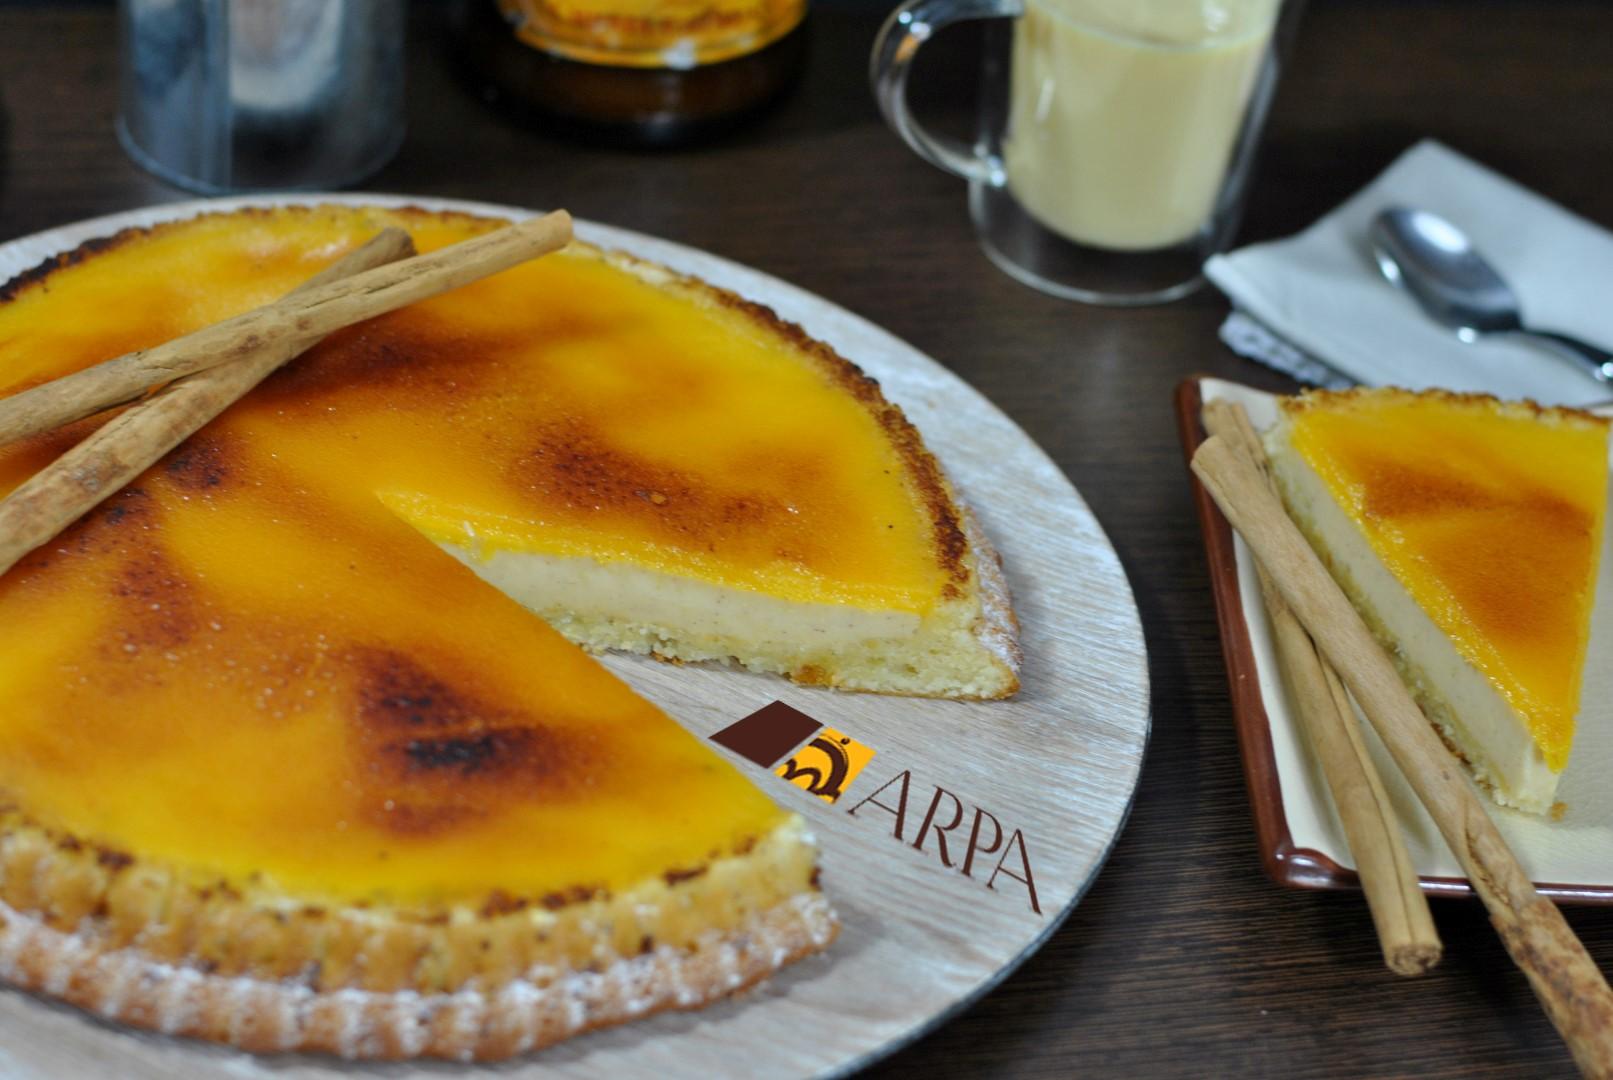 Tarta de crema catalana cubierta de una capa de yema quemada con azúcar